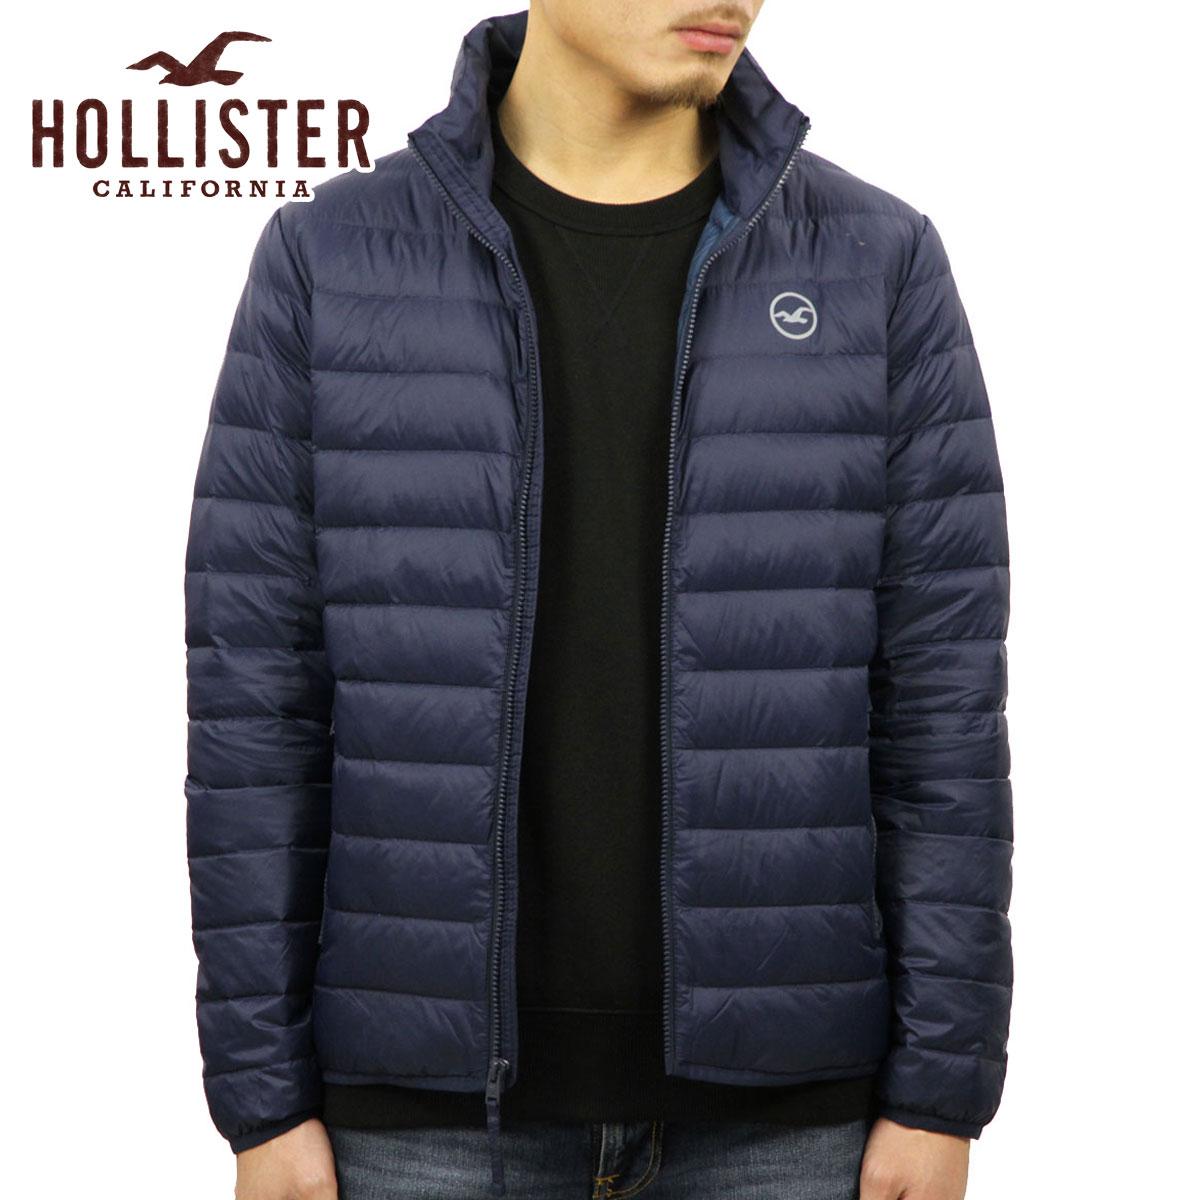 ホリスター HOLLISTER 正規品 メンズ ダウンジャケット Lightweight Down Puffer Jacket 332-328-0810-200